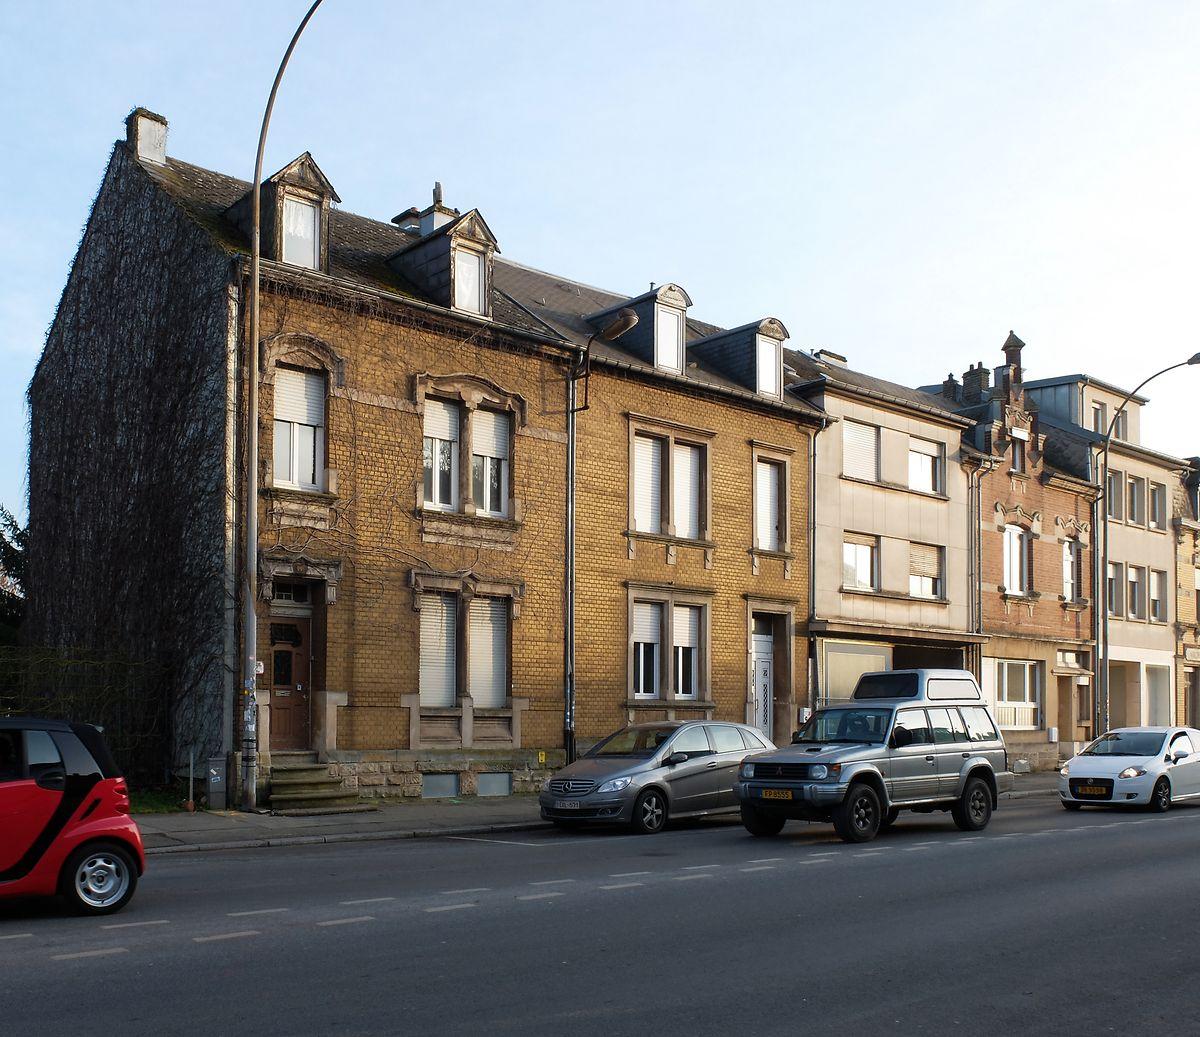 Die fixerstube in der Nummer 130 Rue de Luxembourg vor der Renovation, 03.02.2014.